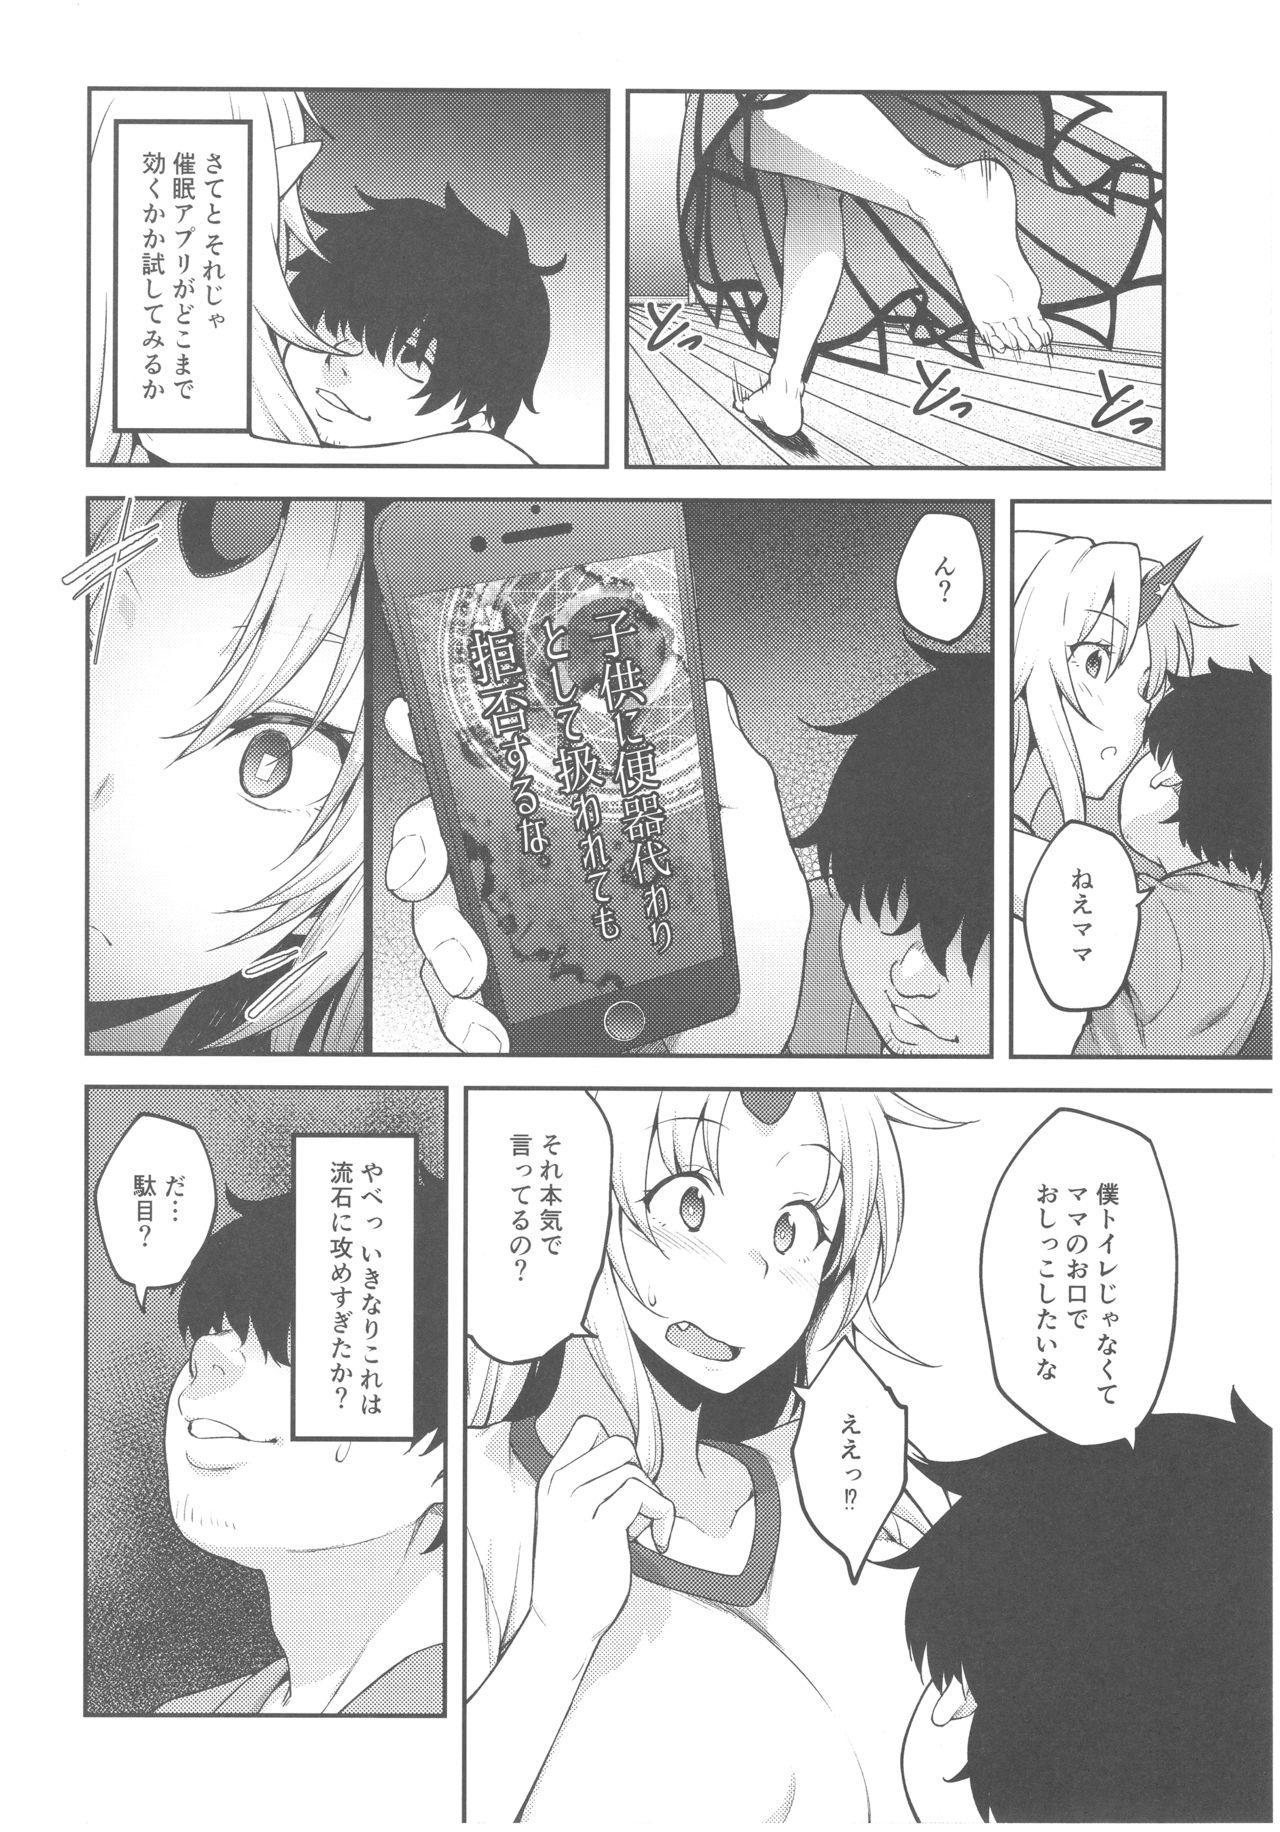 Gensoukyou ni Tensei Shita no de Saimin Appli de Hoshiguma Yuugi o Kodomo no Tame nara Nandemo Shichau Mama ni Shite Yatta 8